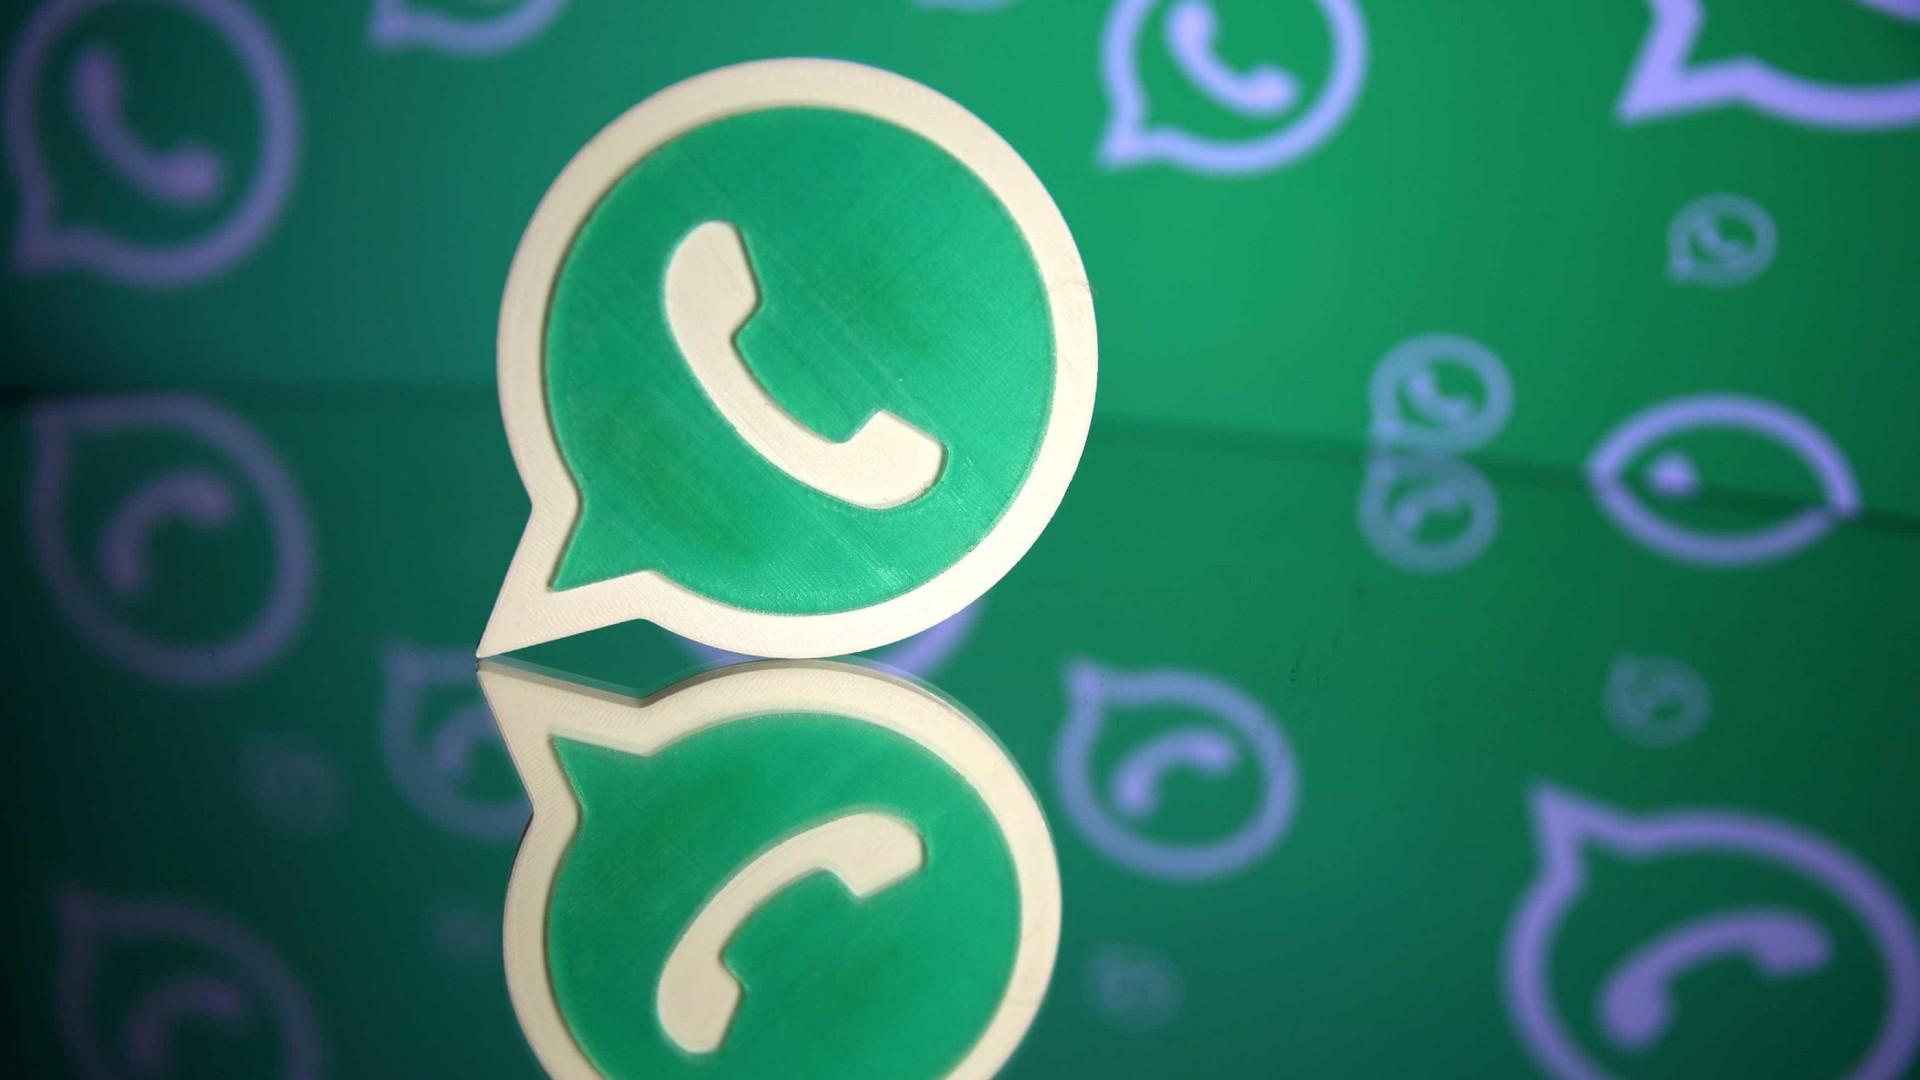 WhatsApp se prepara para combater notícias falsas